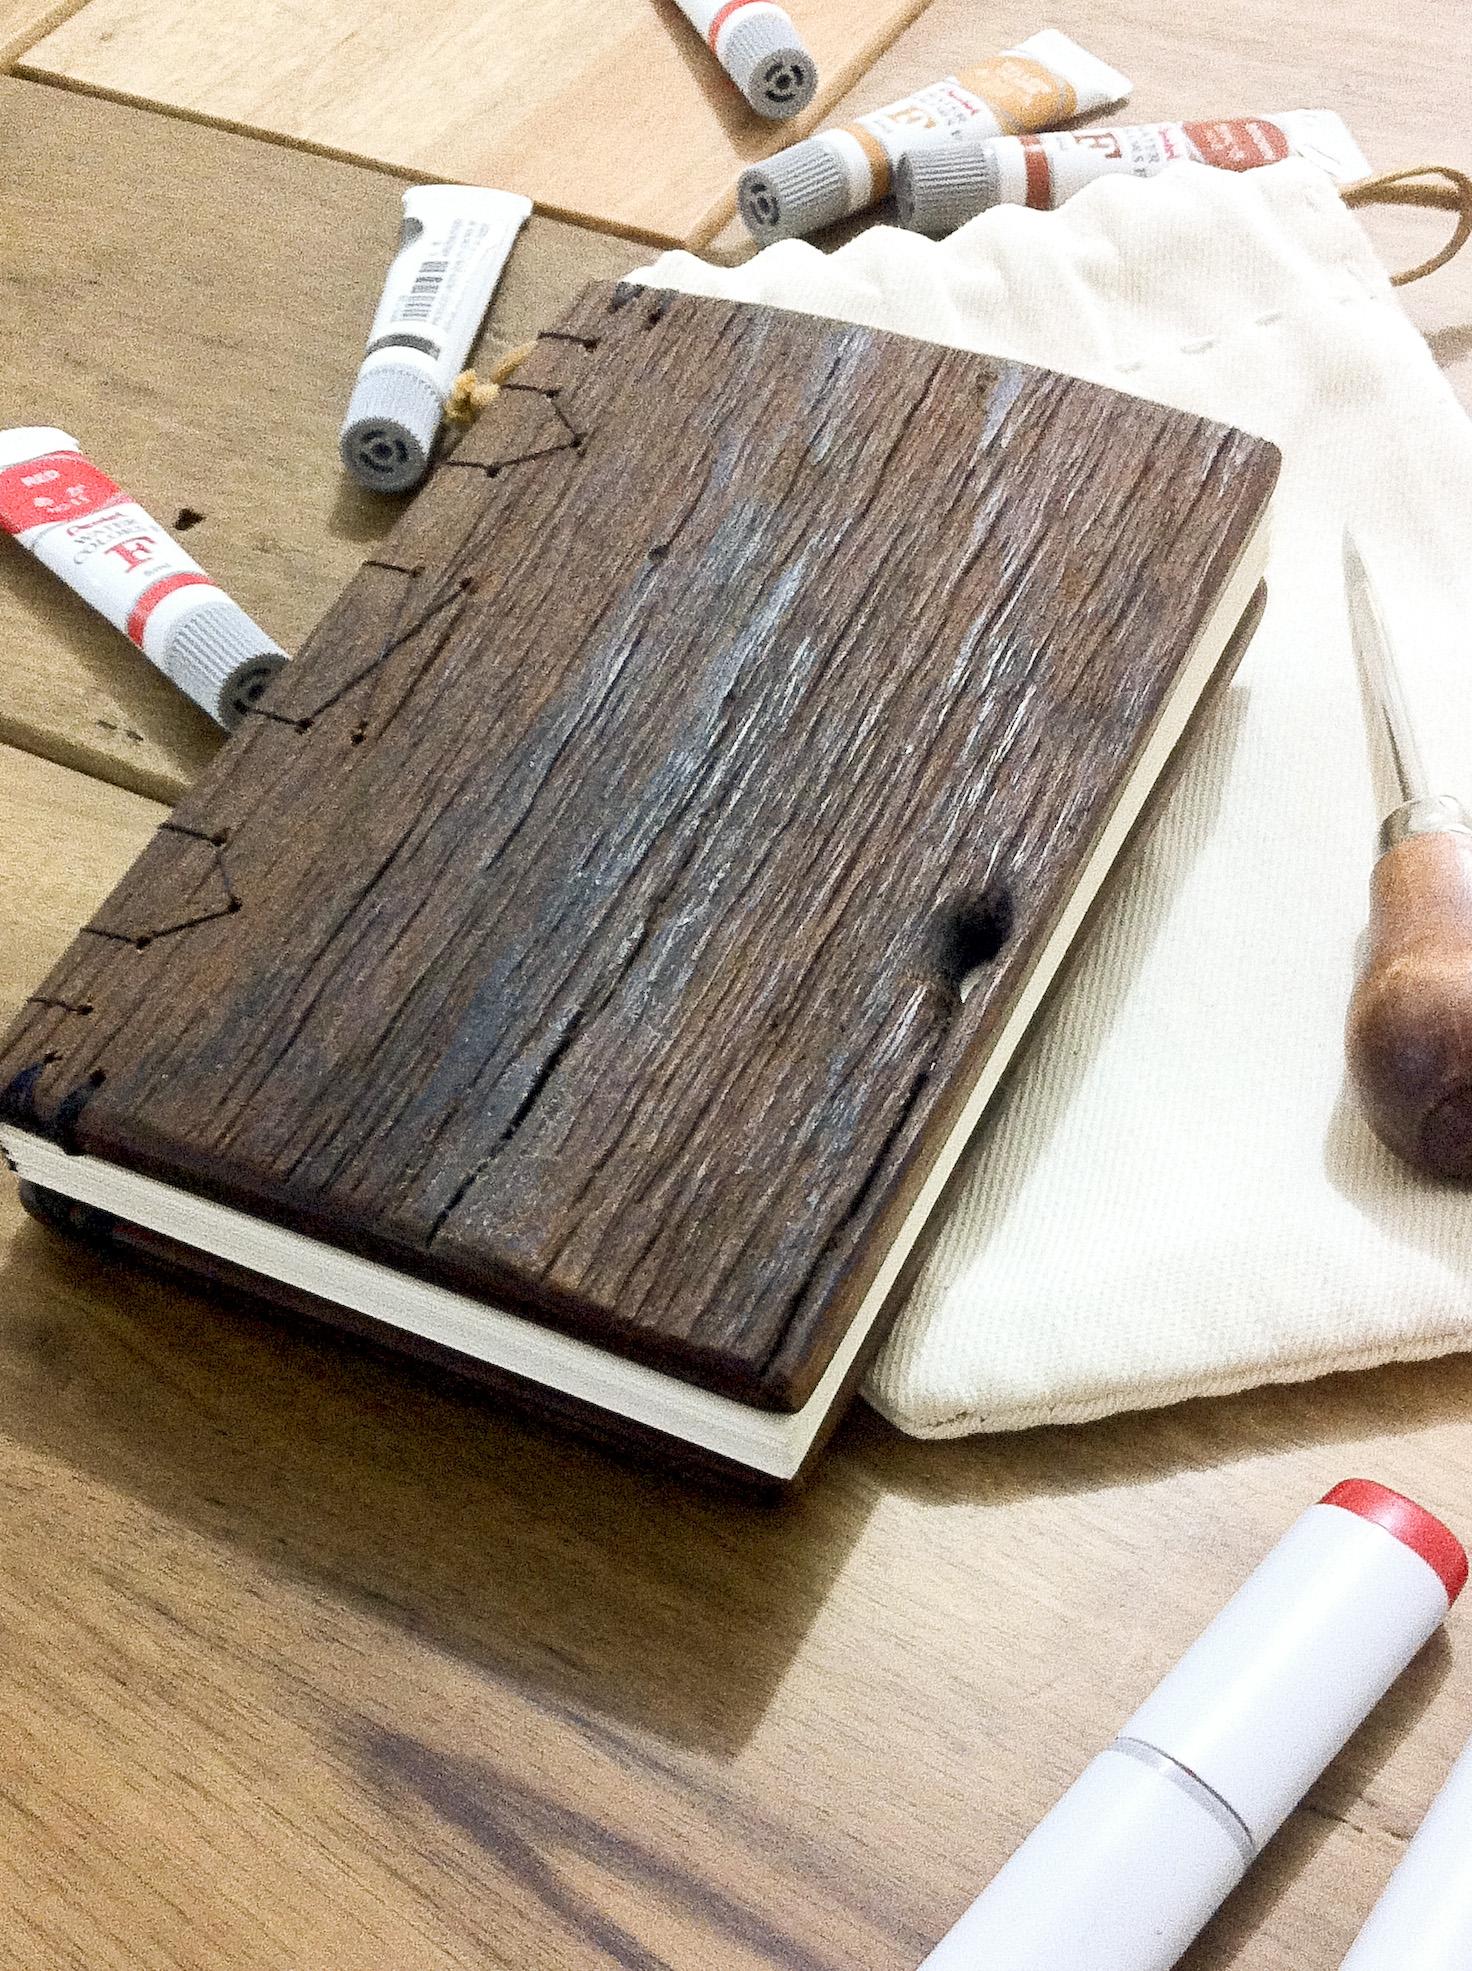 woodbook caderno com capa de madeira madeira #9E2D2D 1472x1971